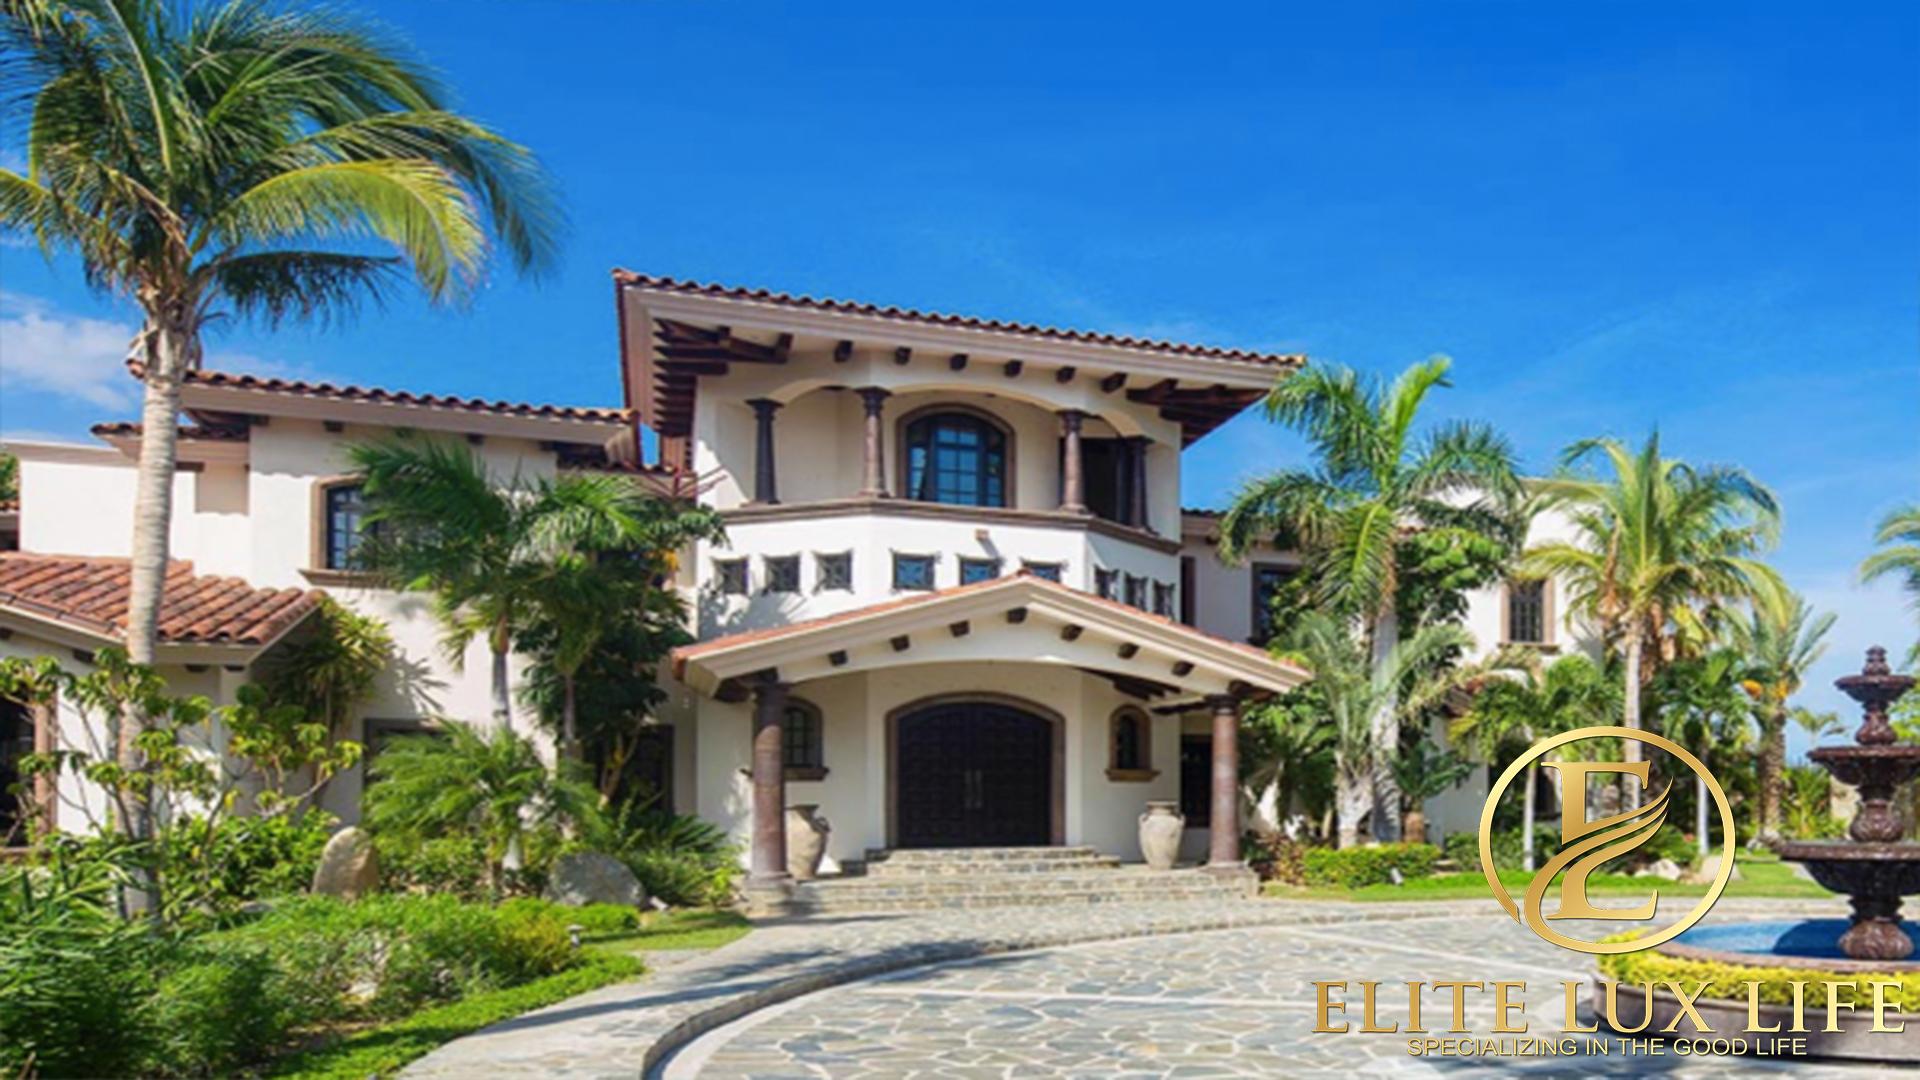 Elite Villa de la Vida 3